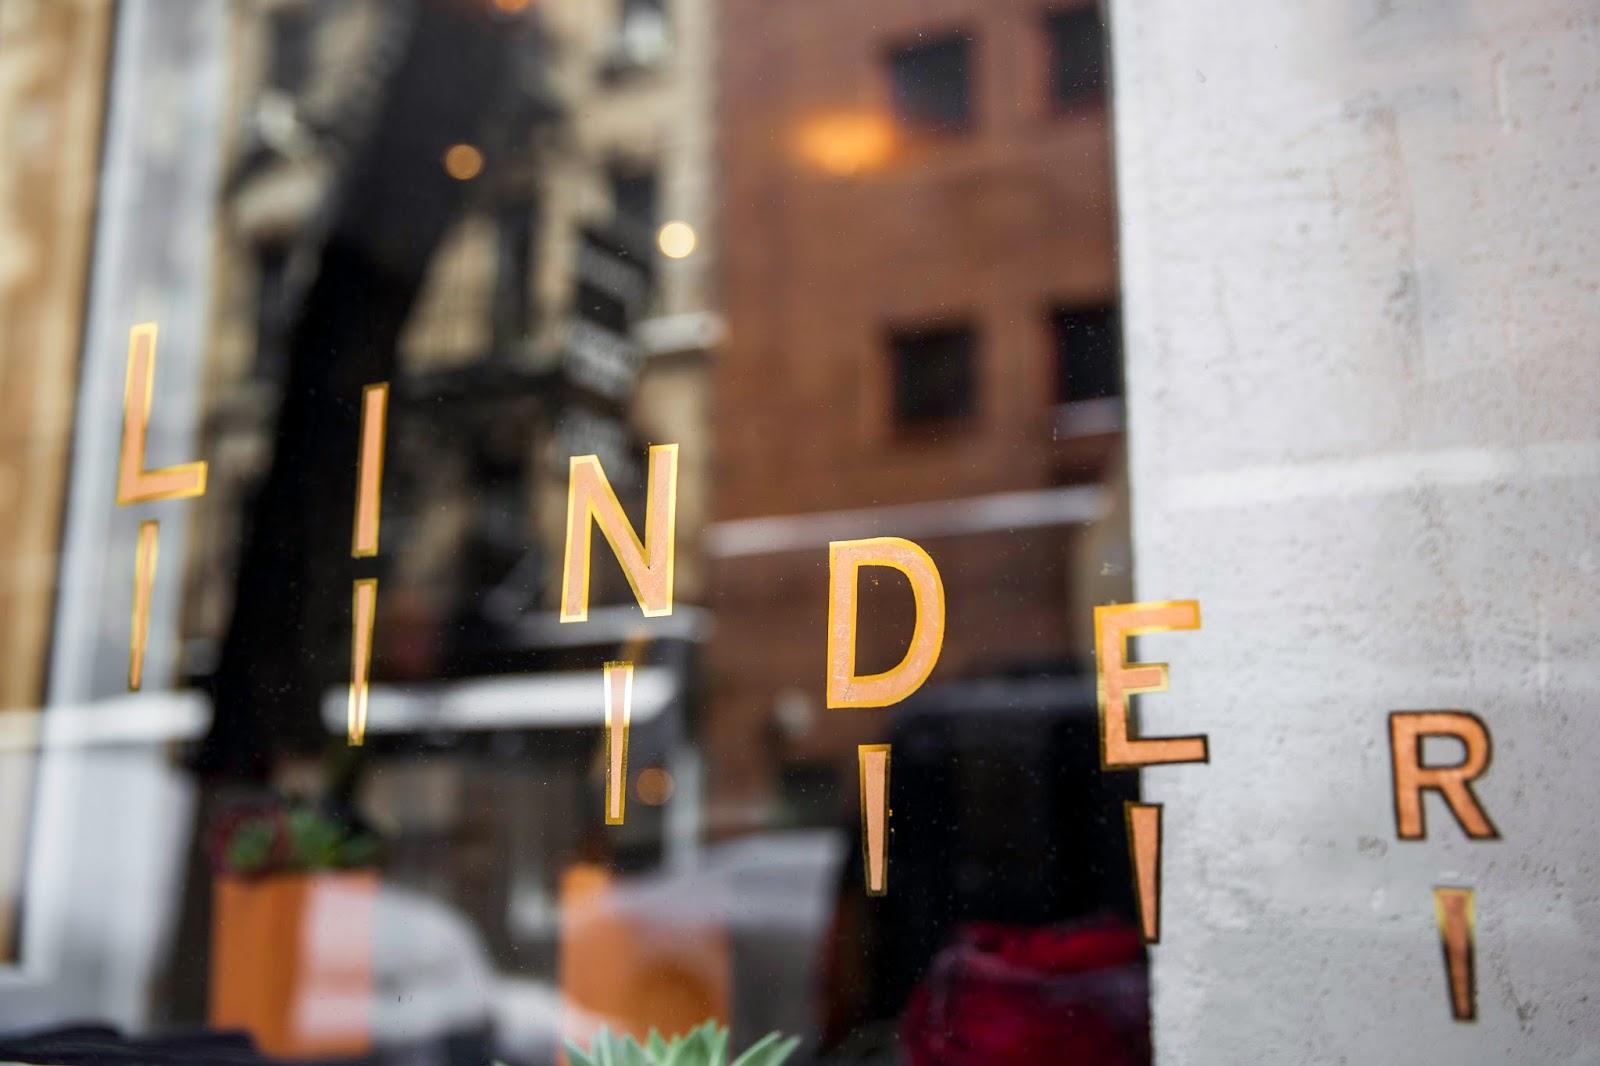 Linder New York